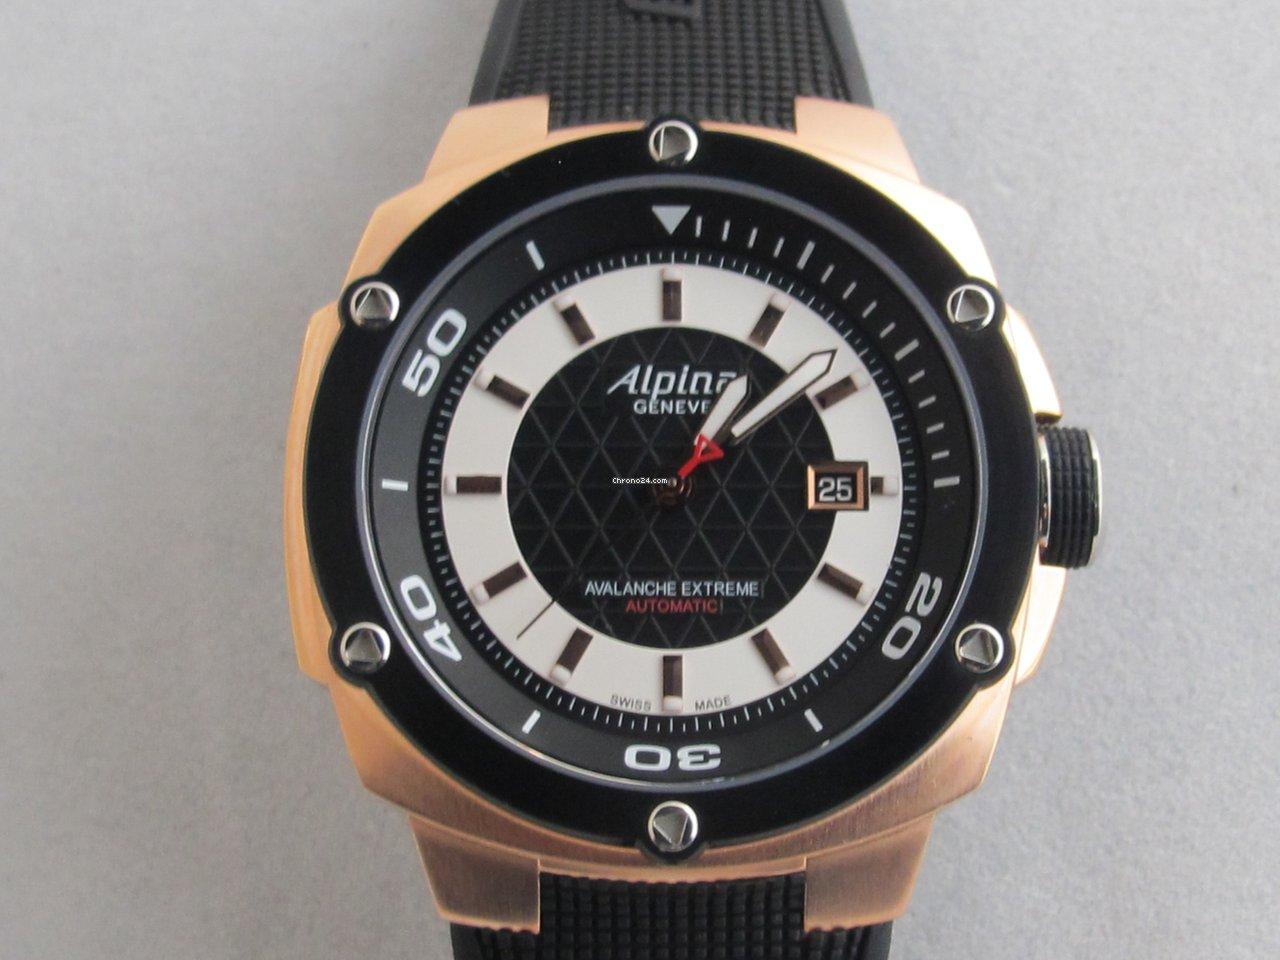 Relojes Alpina - Precios de todos los relojes Alpina en Chrono24 184e0a7df8de